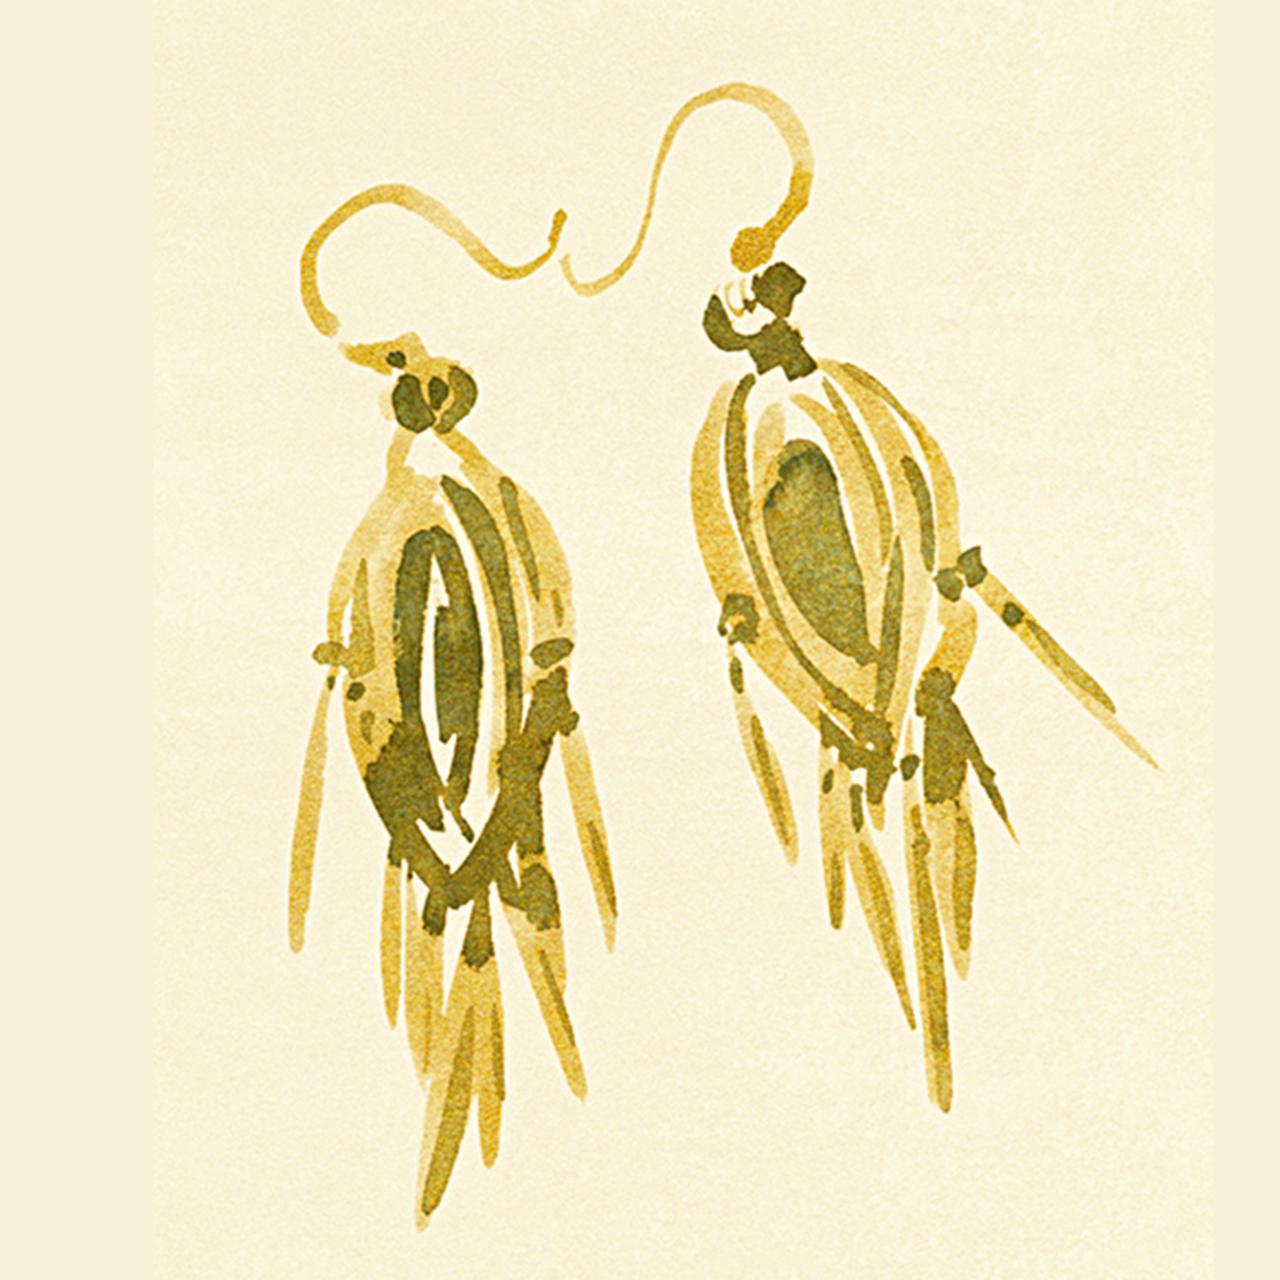 Images : ゴールドのビクトリア朝のイヤリング、1850年代